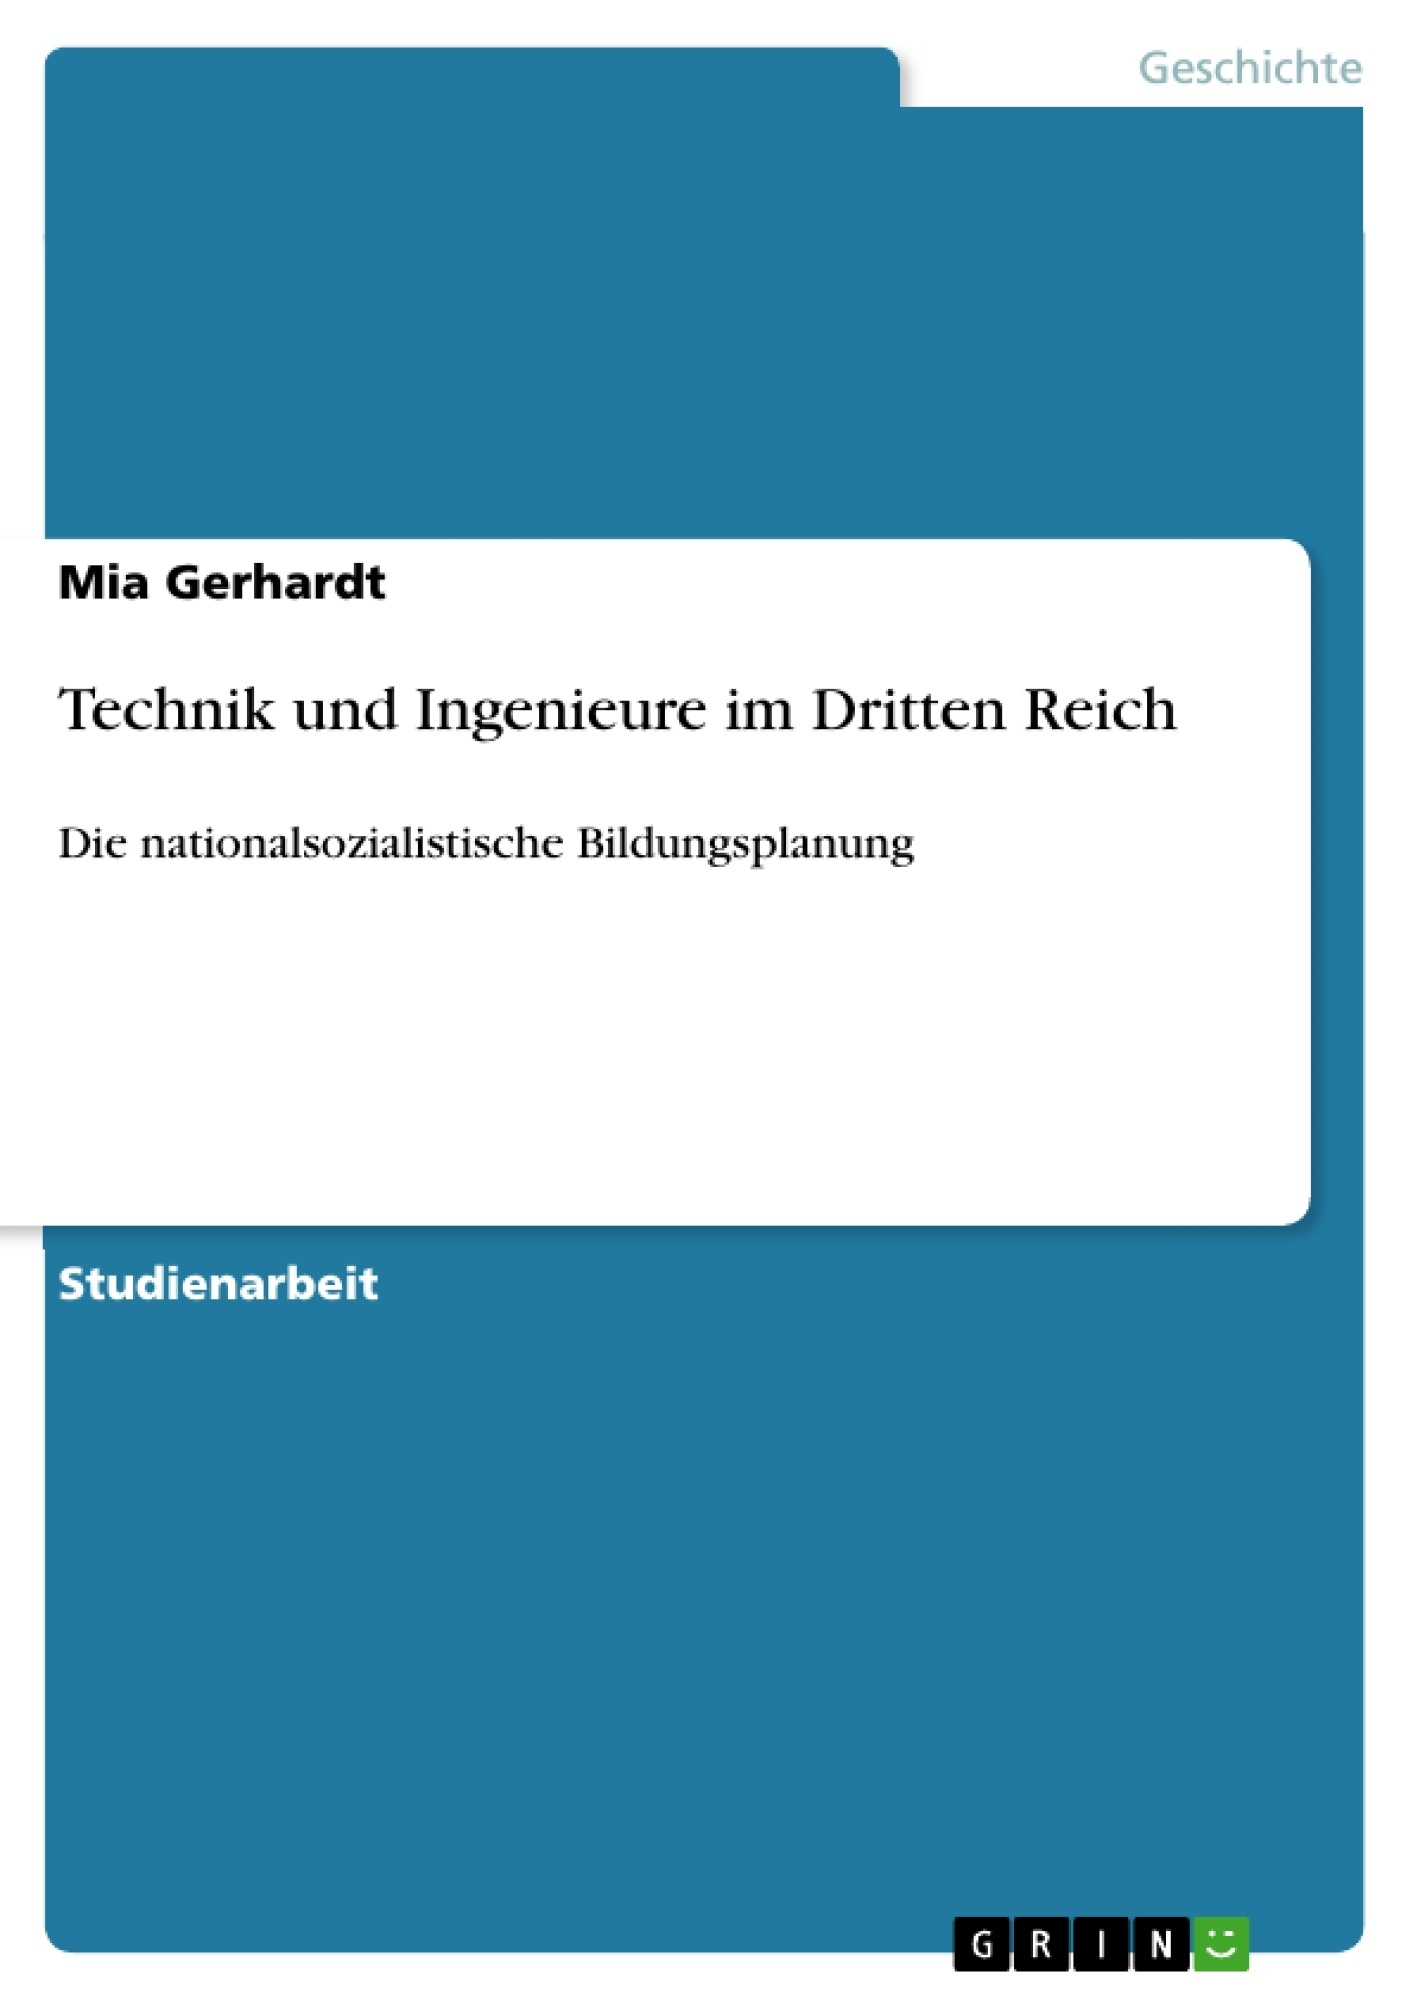 Titel: Technik und Ingenieure im Dritten Reich